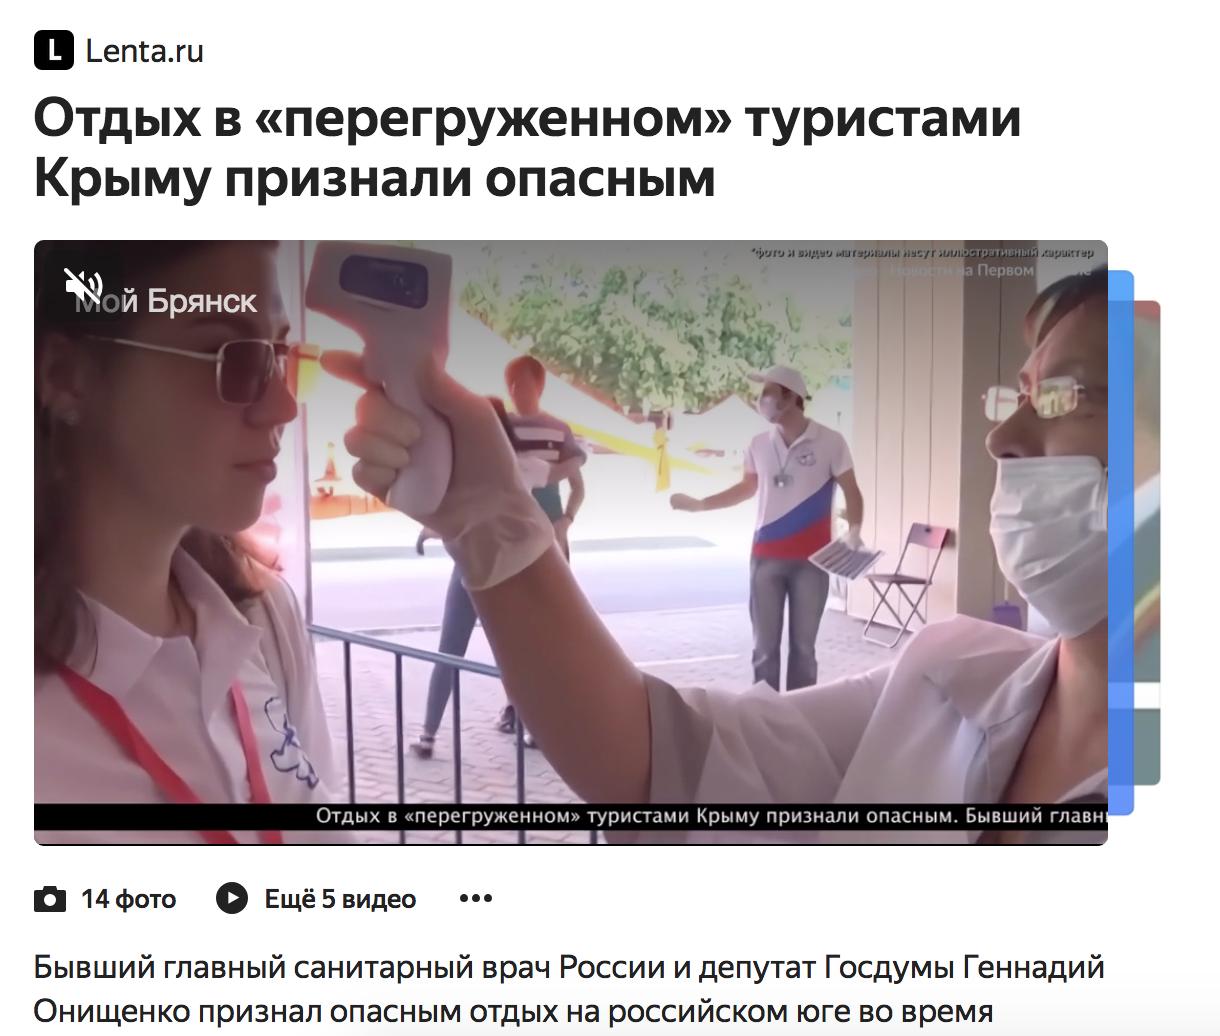 Крым перегружен и опасен